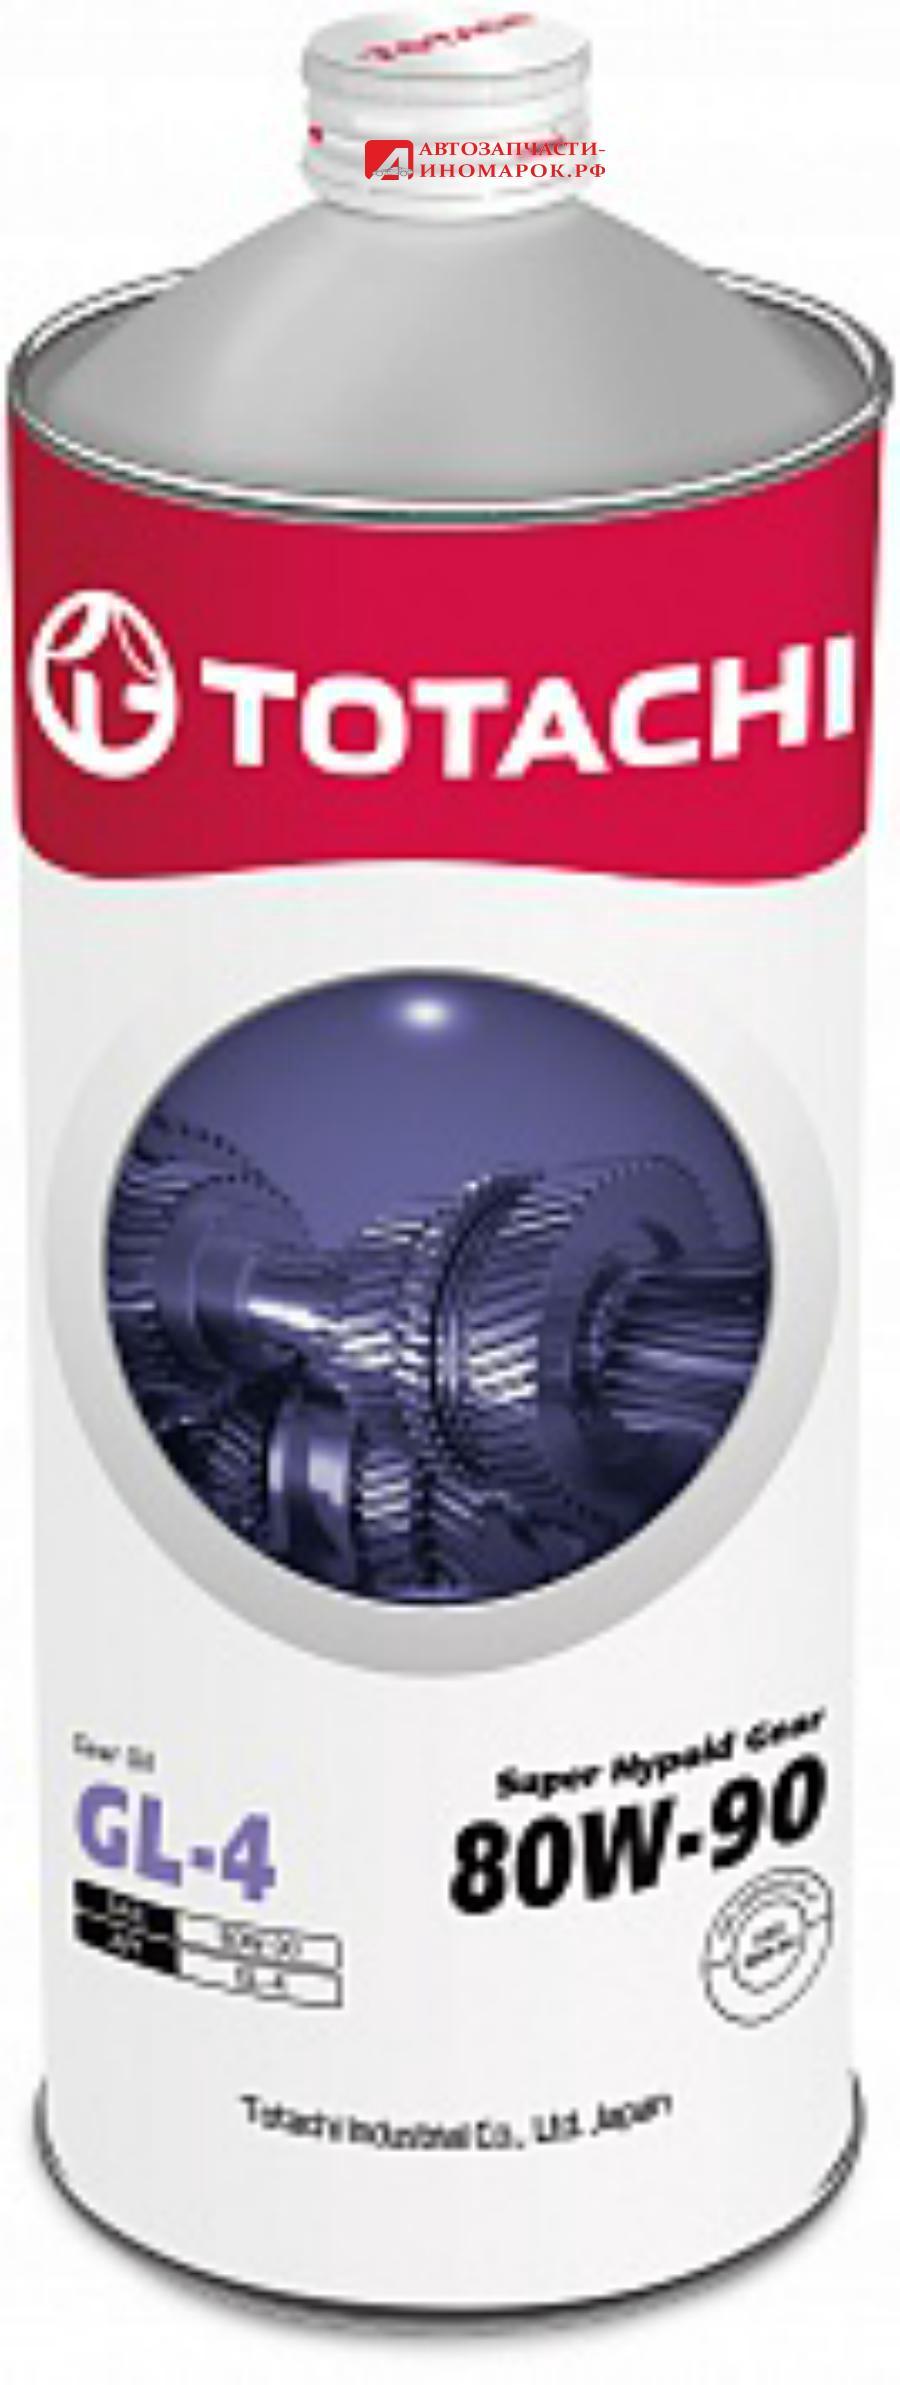 Масло трансмиссионное полусинтетическое Super Hypoid Gear GL-4 80W-90, 1л